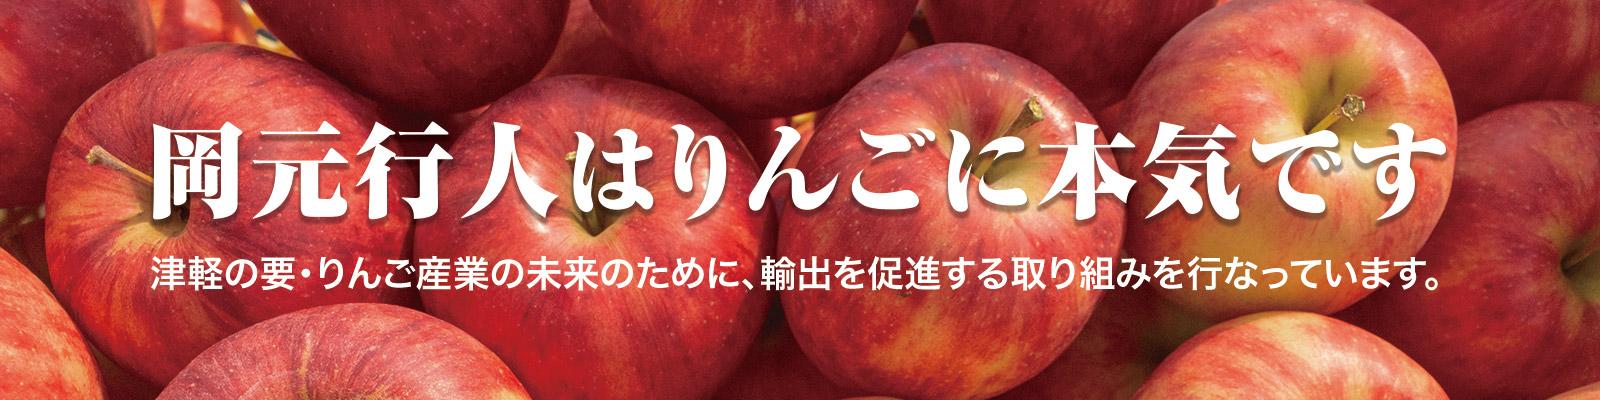 おかもと行人のりんご輸出